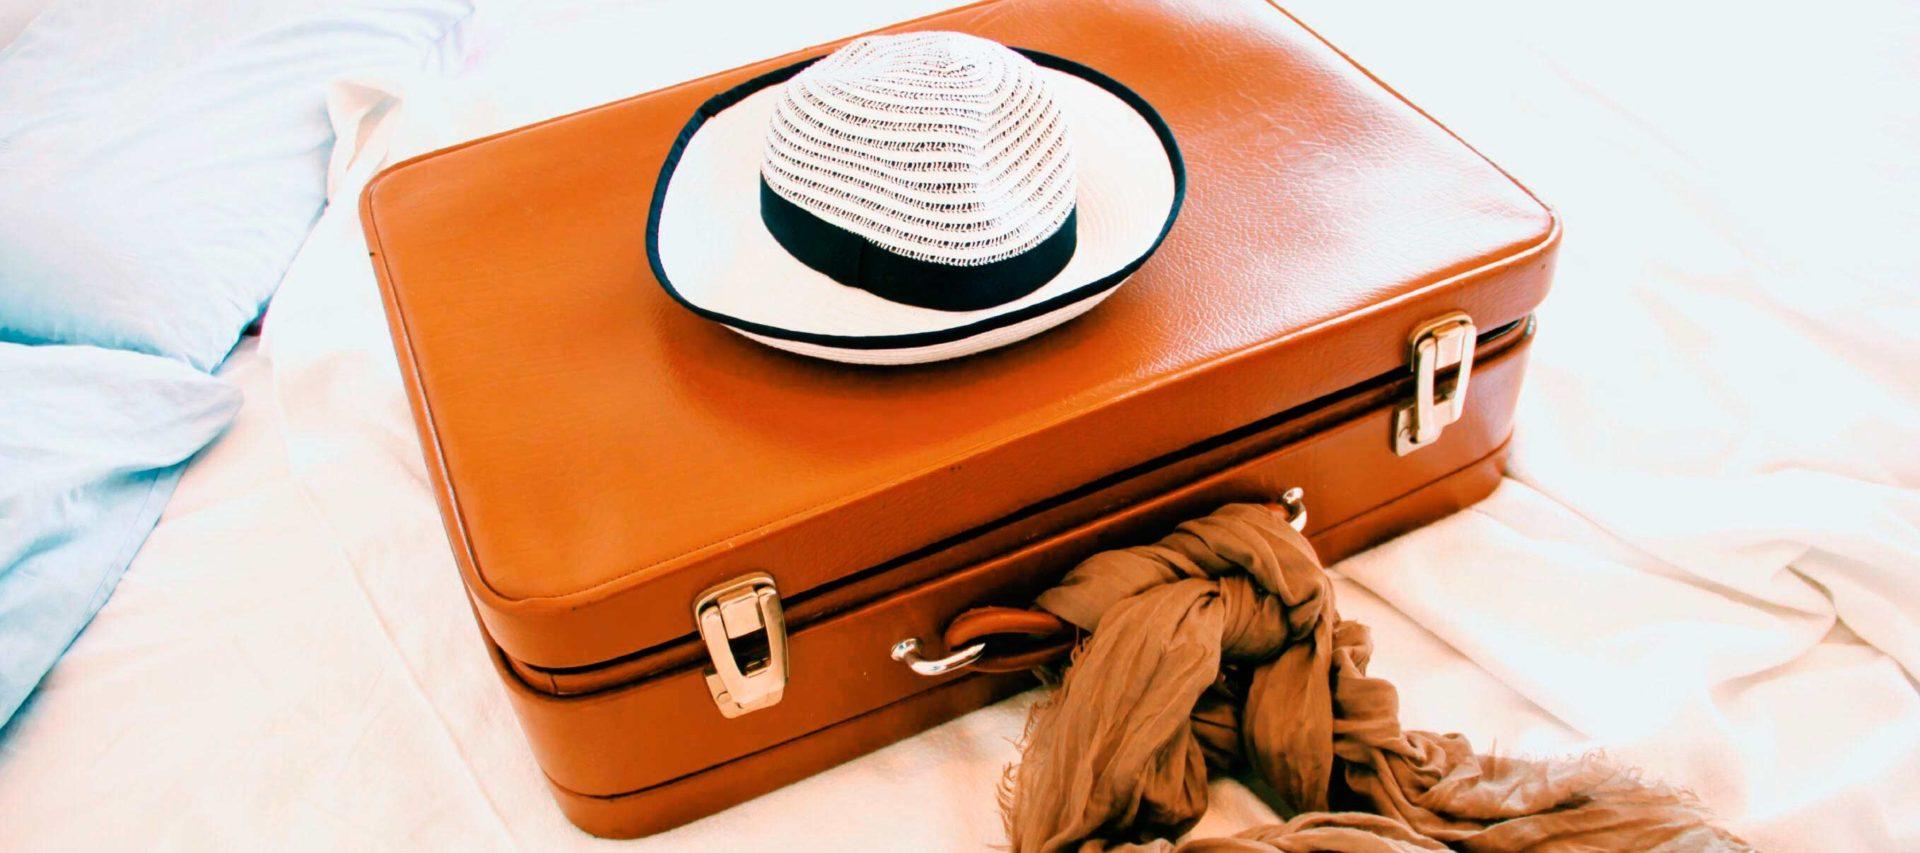 04366a4f5b2 9 coisas pra NÃO levar na mala e viajar mais leve — Carpe Mundi ...